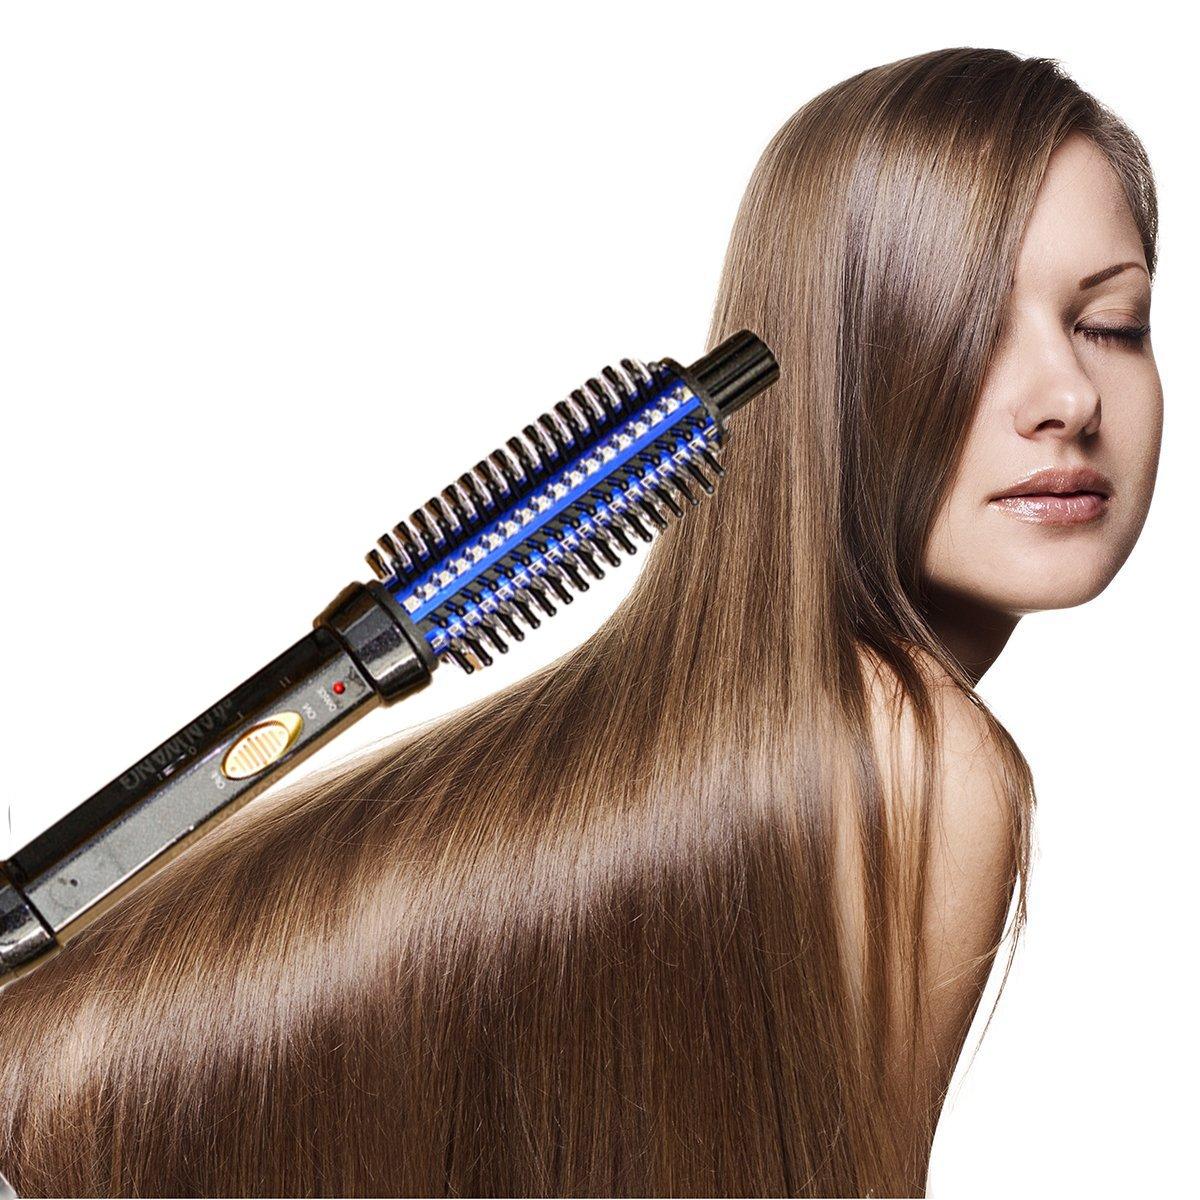 szsyr-hair rodillo de cabello peine cepillo de pelo eléctrico climatizada  redondo planchas varita cepillo de pelo peine eléctrico rizador de cerámica  ... 4cb21702d3e5